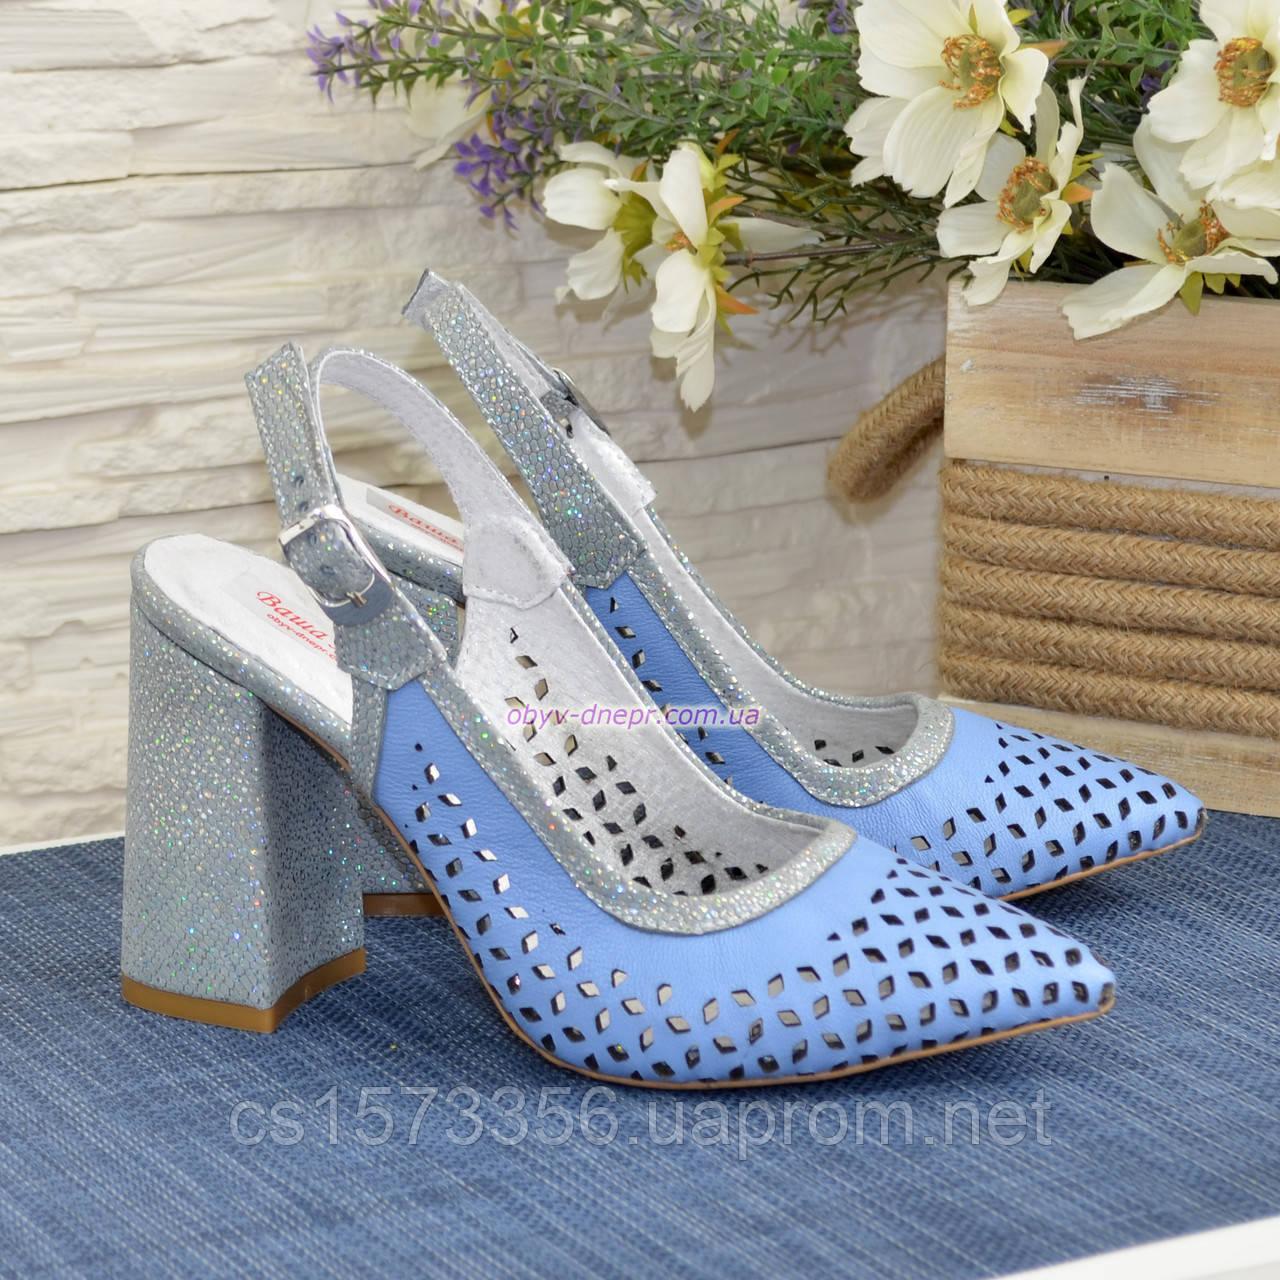 Туфли кожаные на устойчивом каблуке, цвет голубой. 36 размер